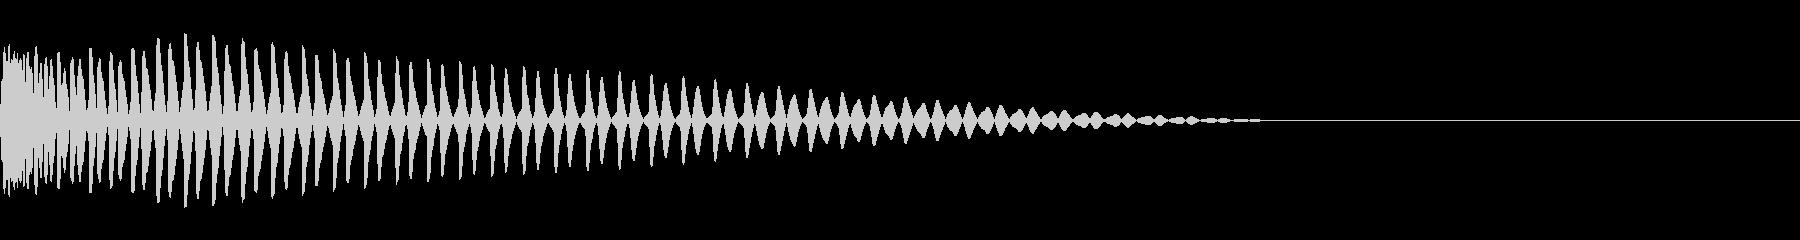 エレクトロなバスドラム、キックの未再生の波形